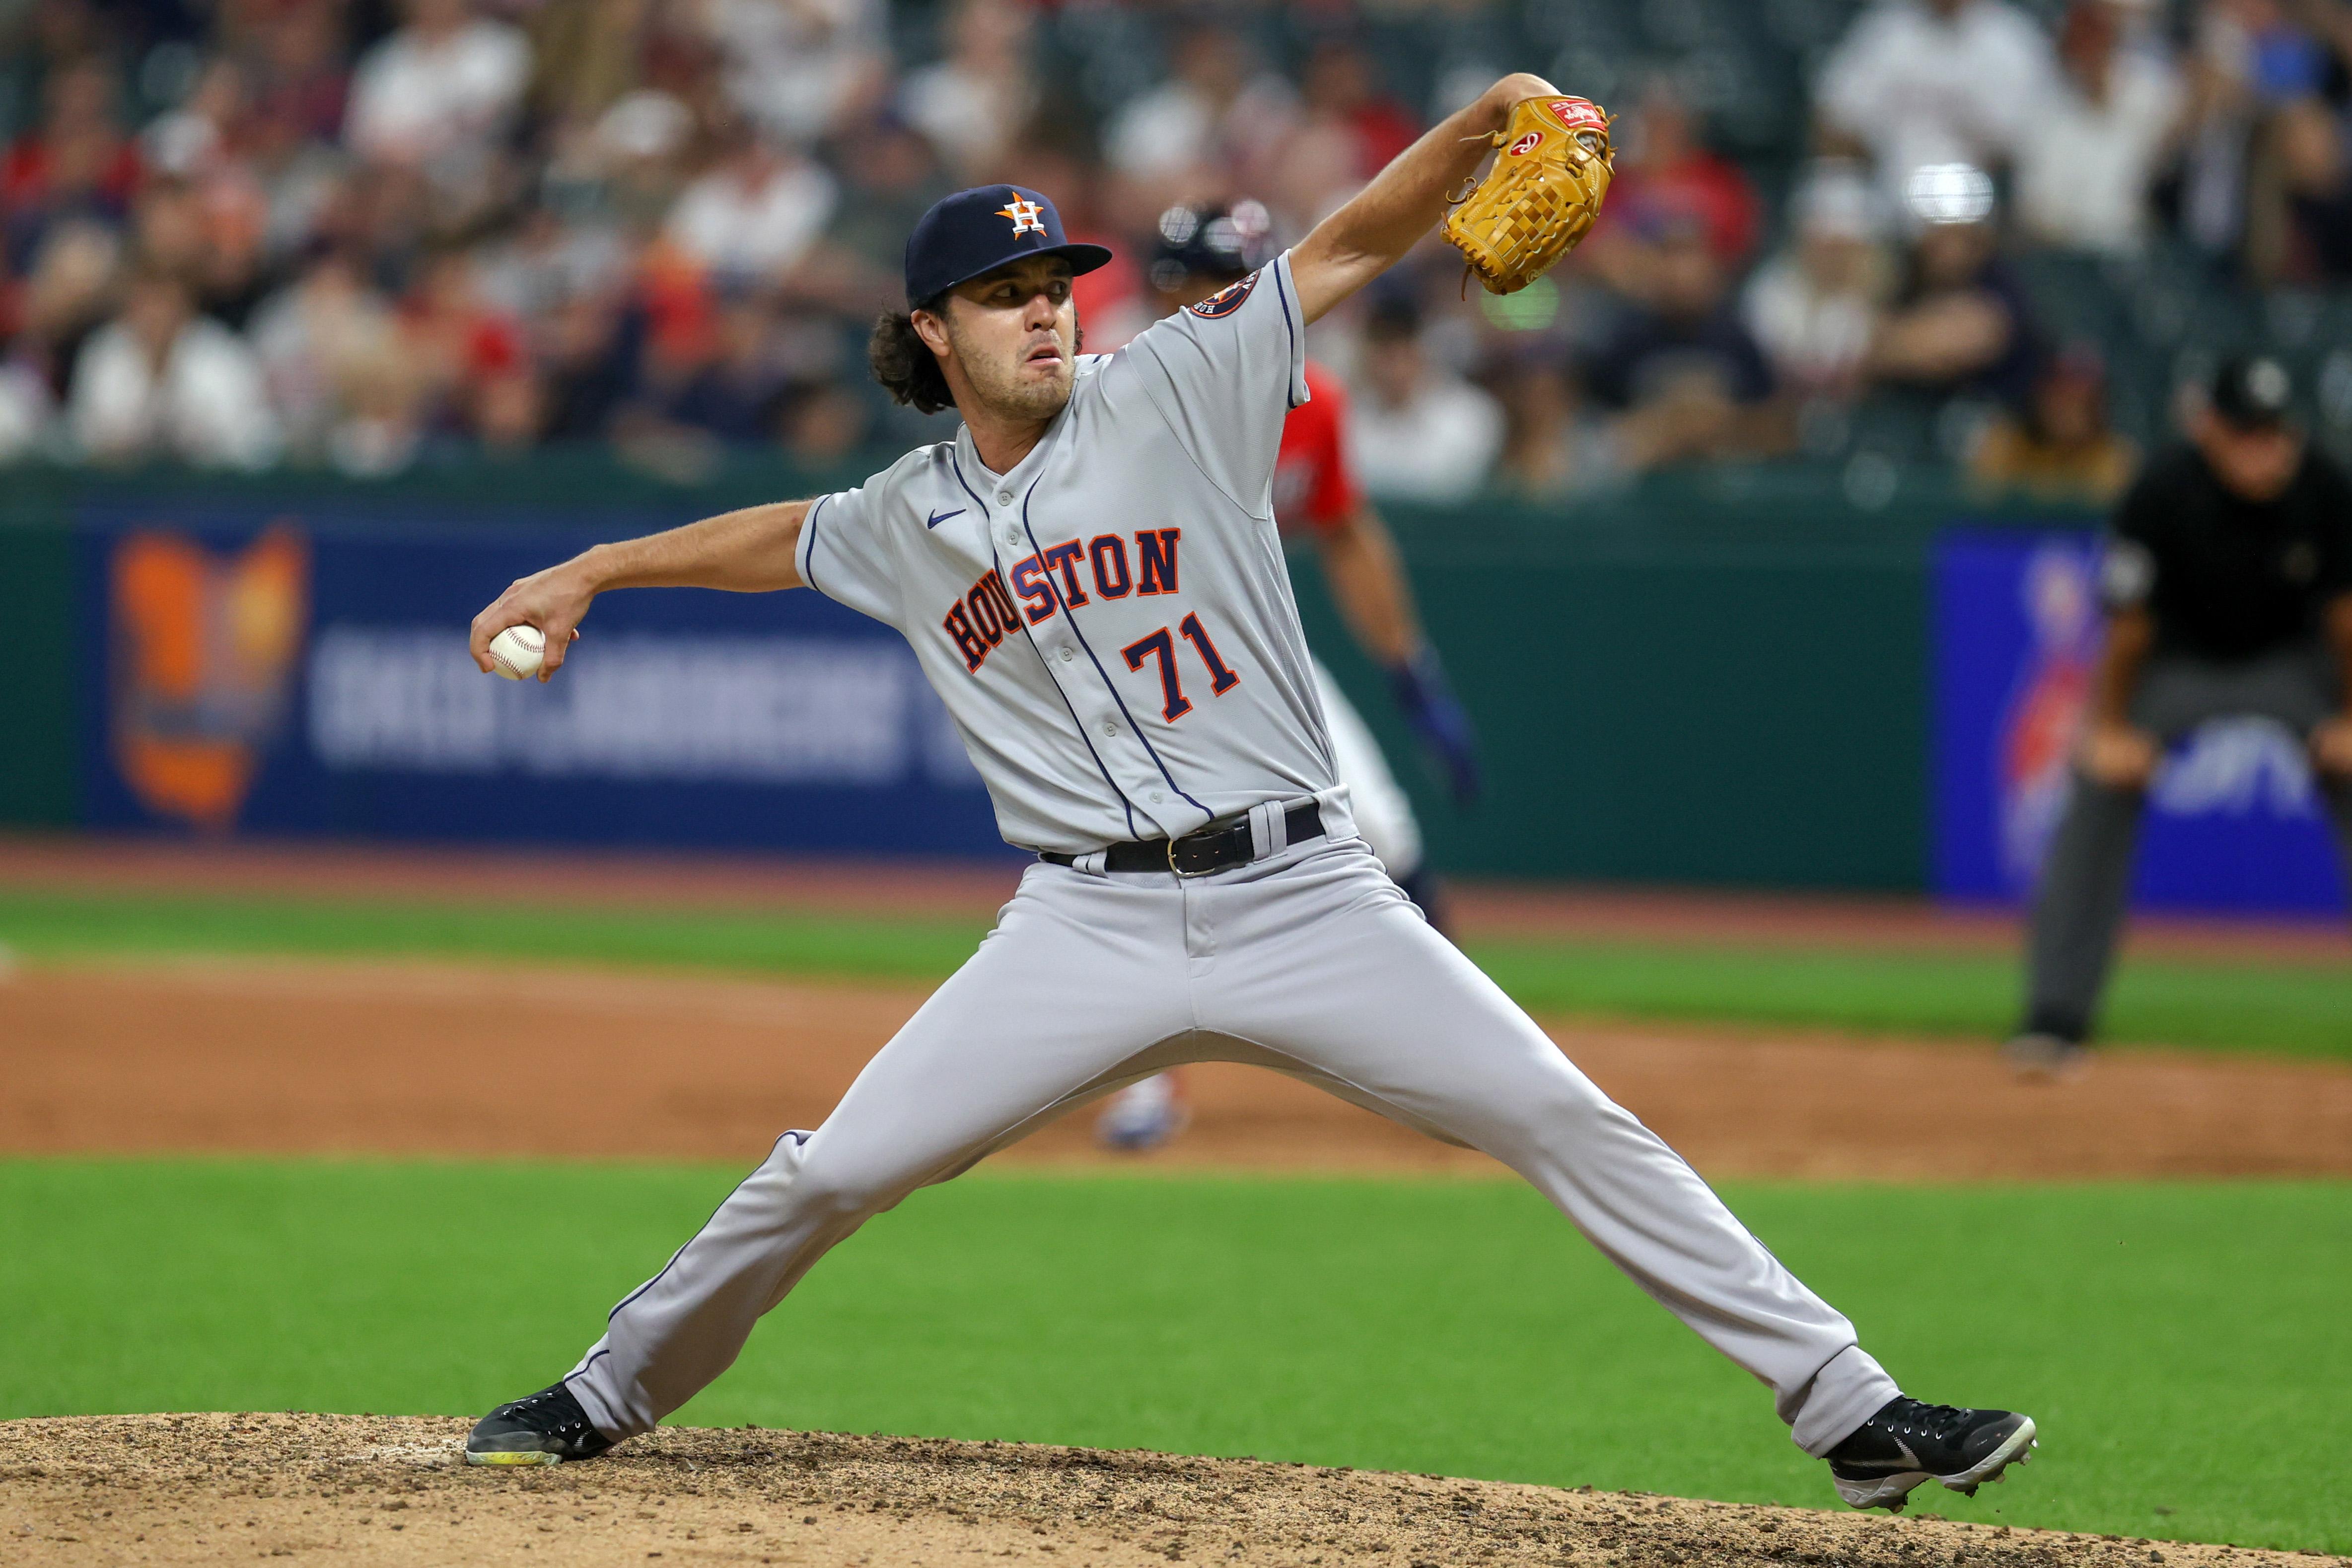 MLB: JUL 01 Astros at Indians